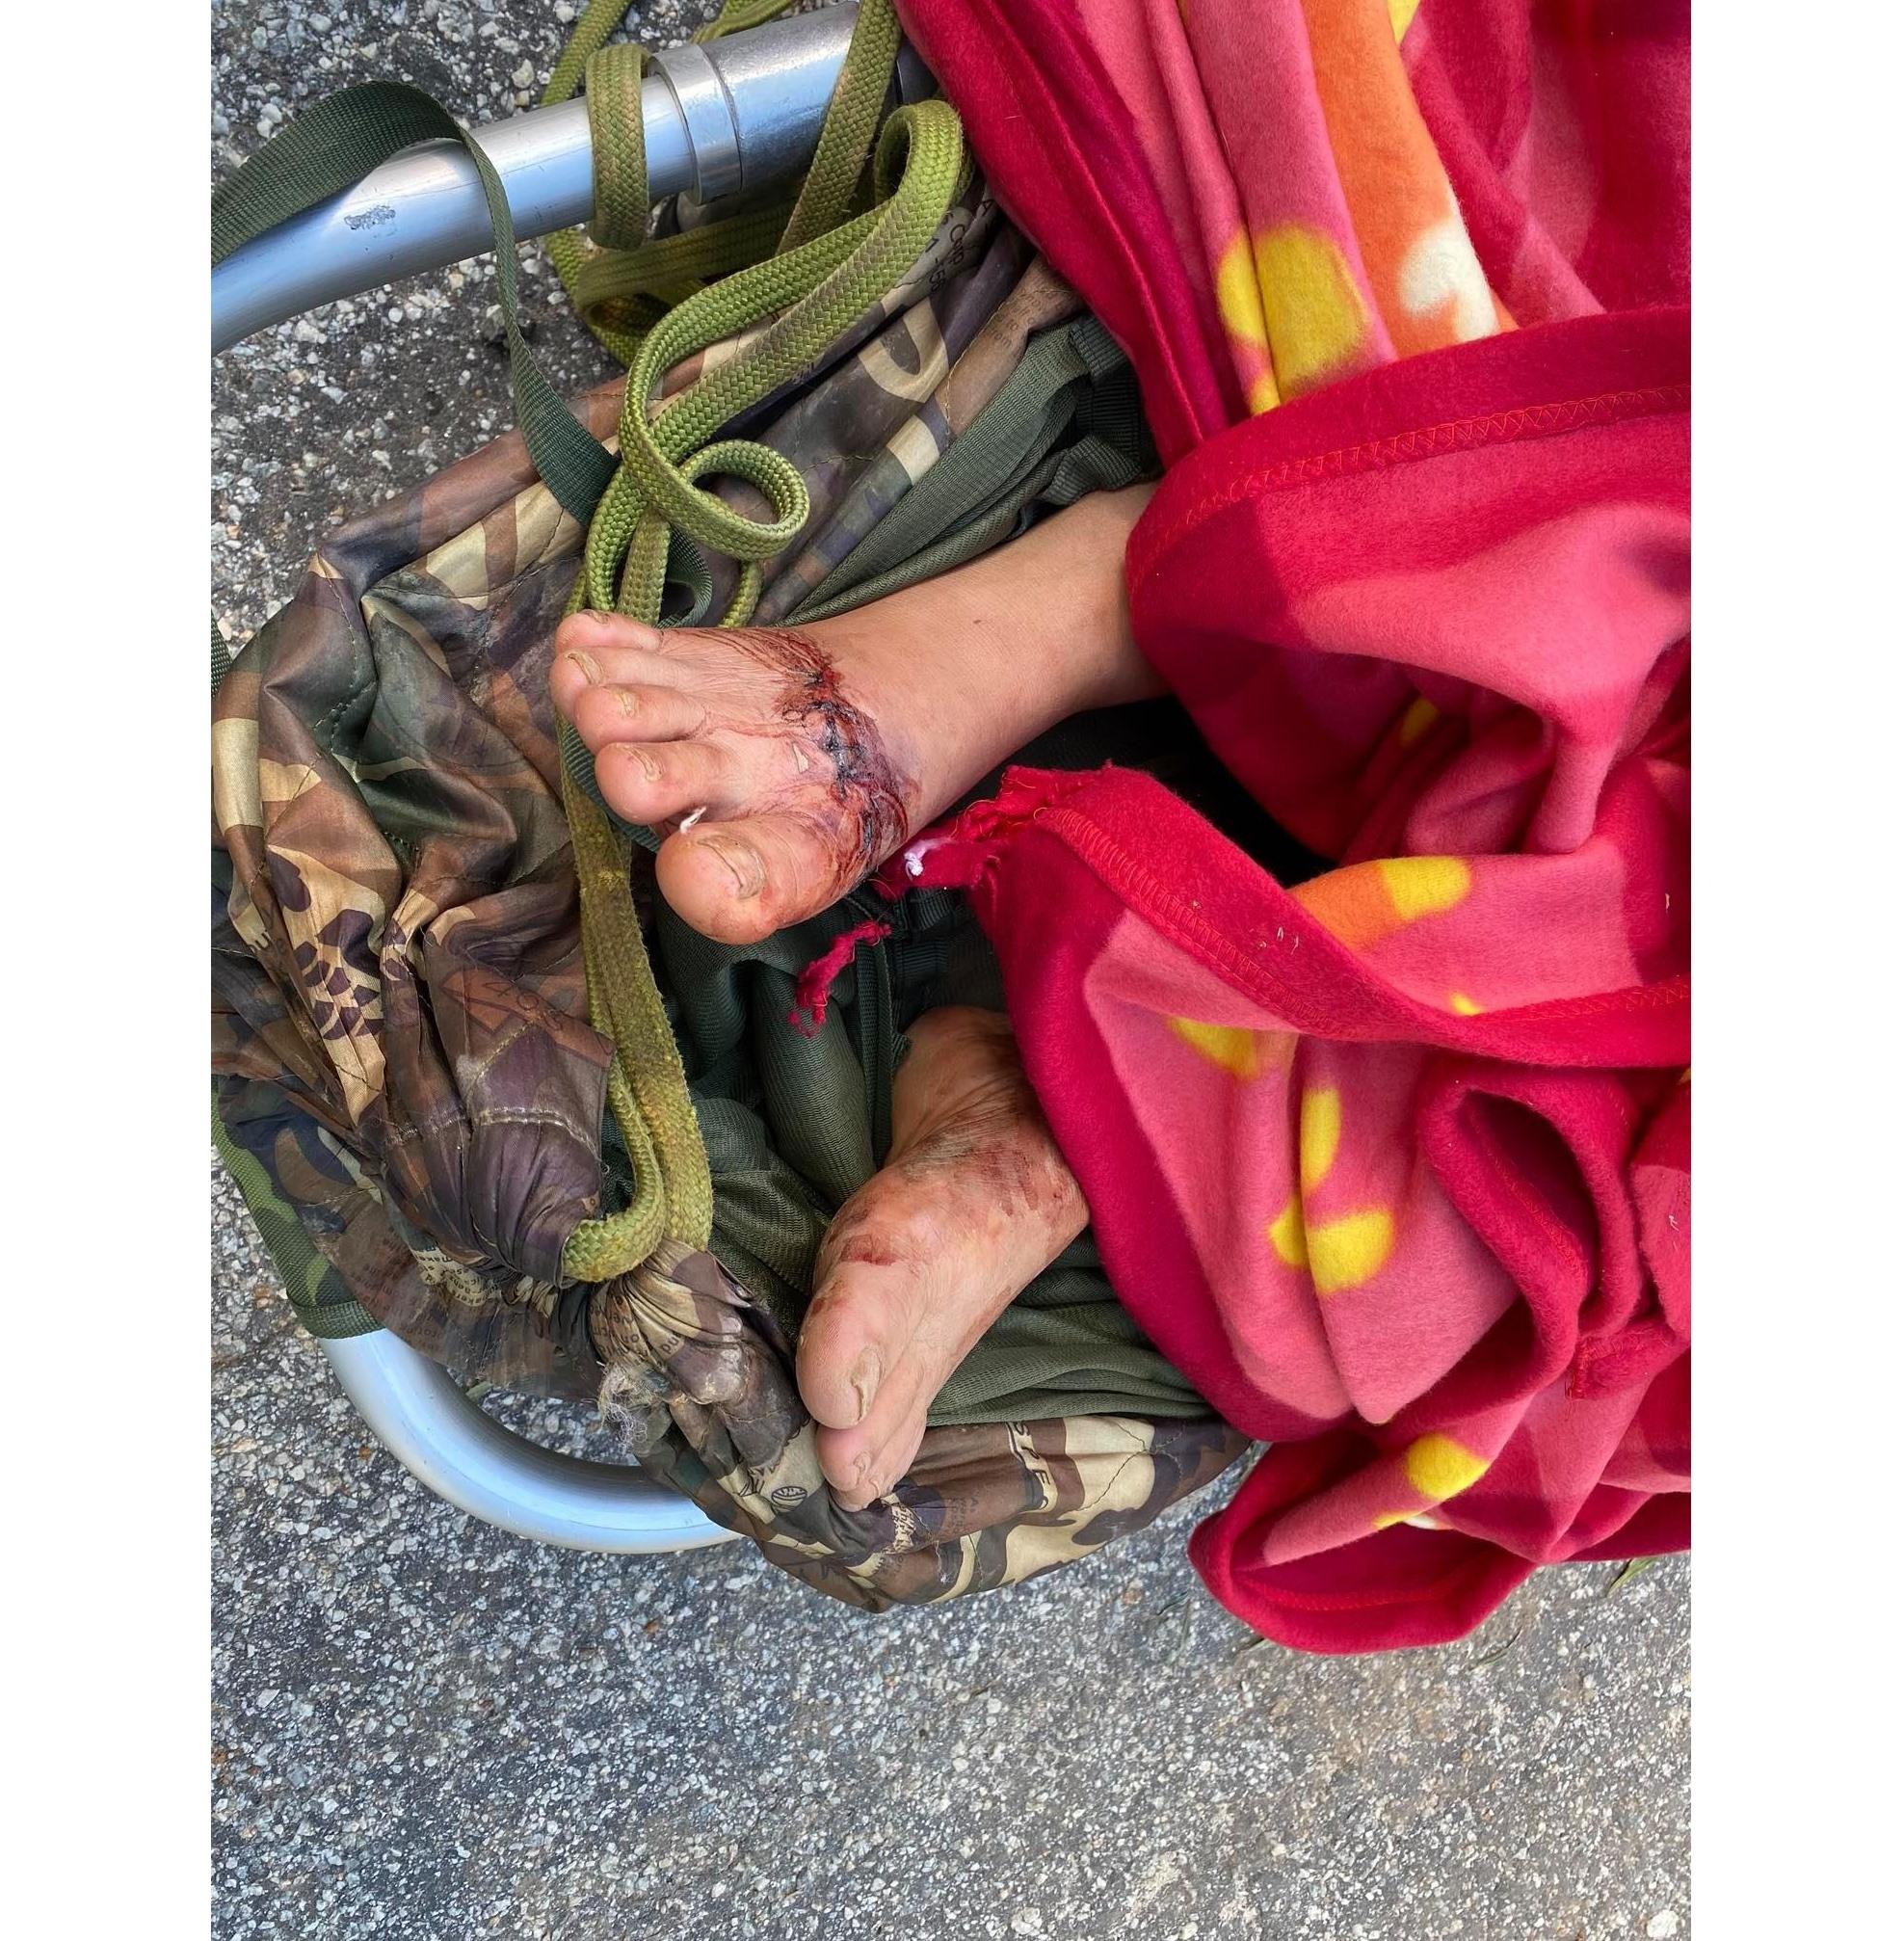 Một bệnh nhân bị thương ở bàn chân